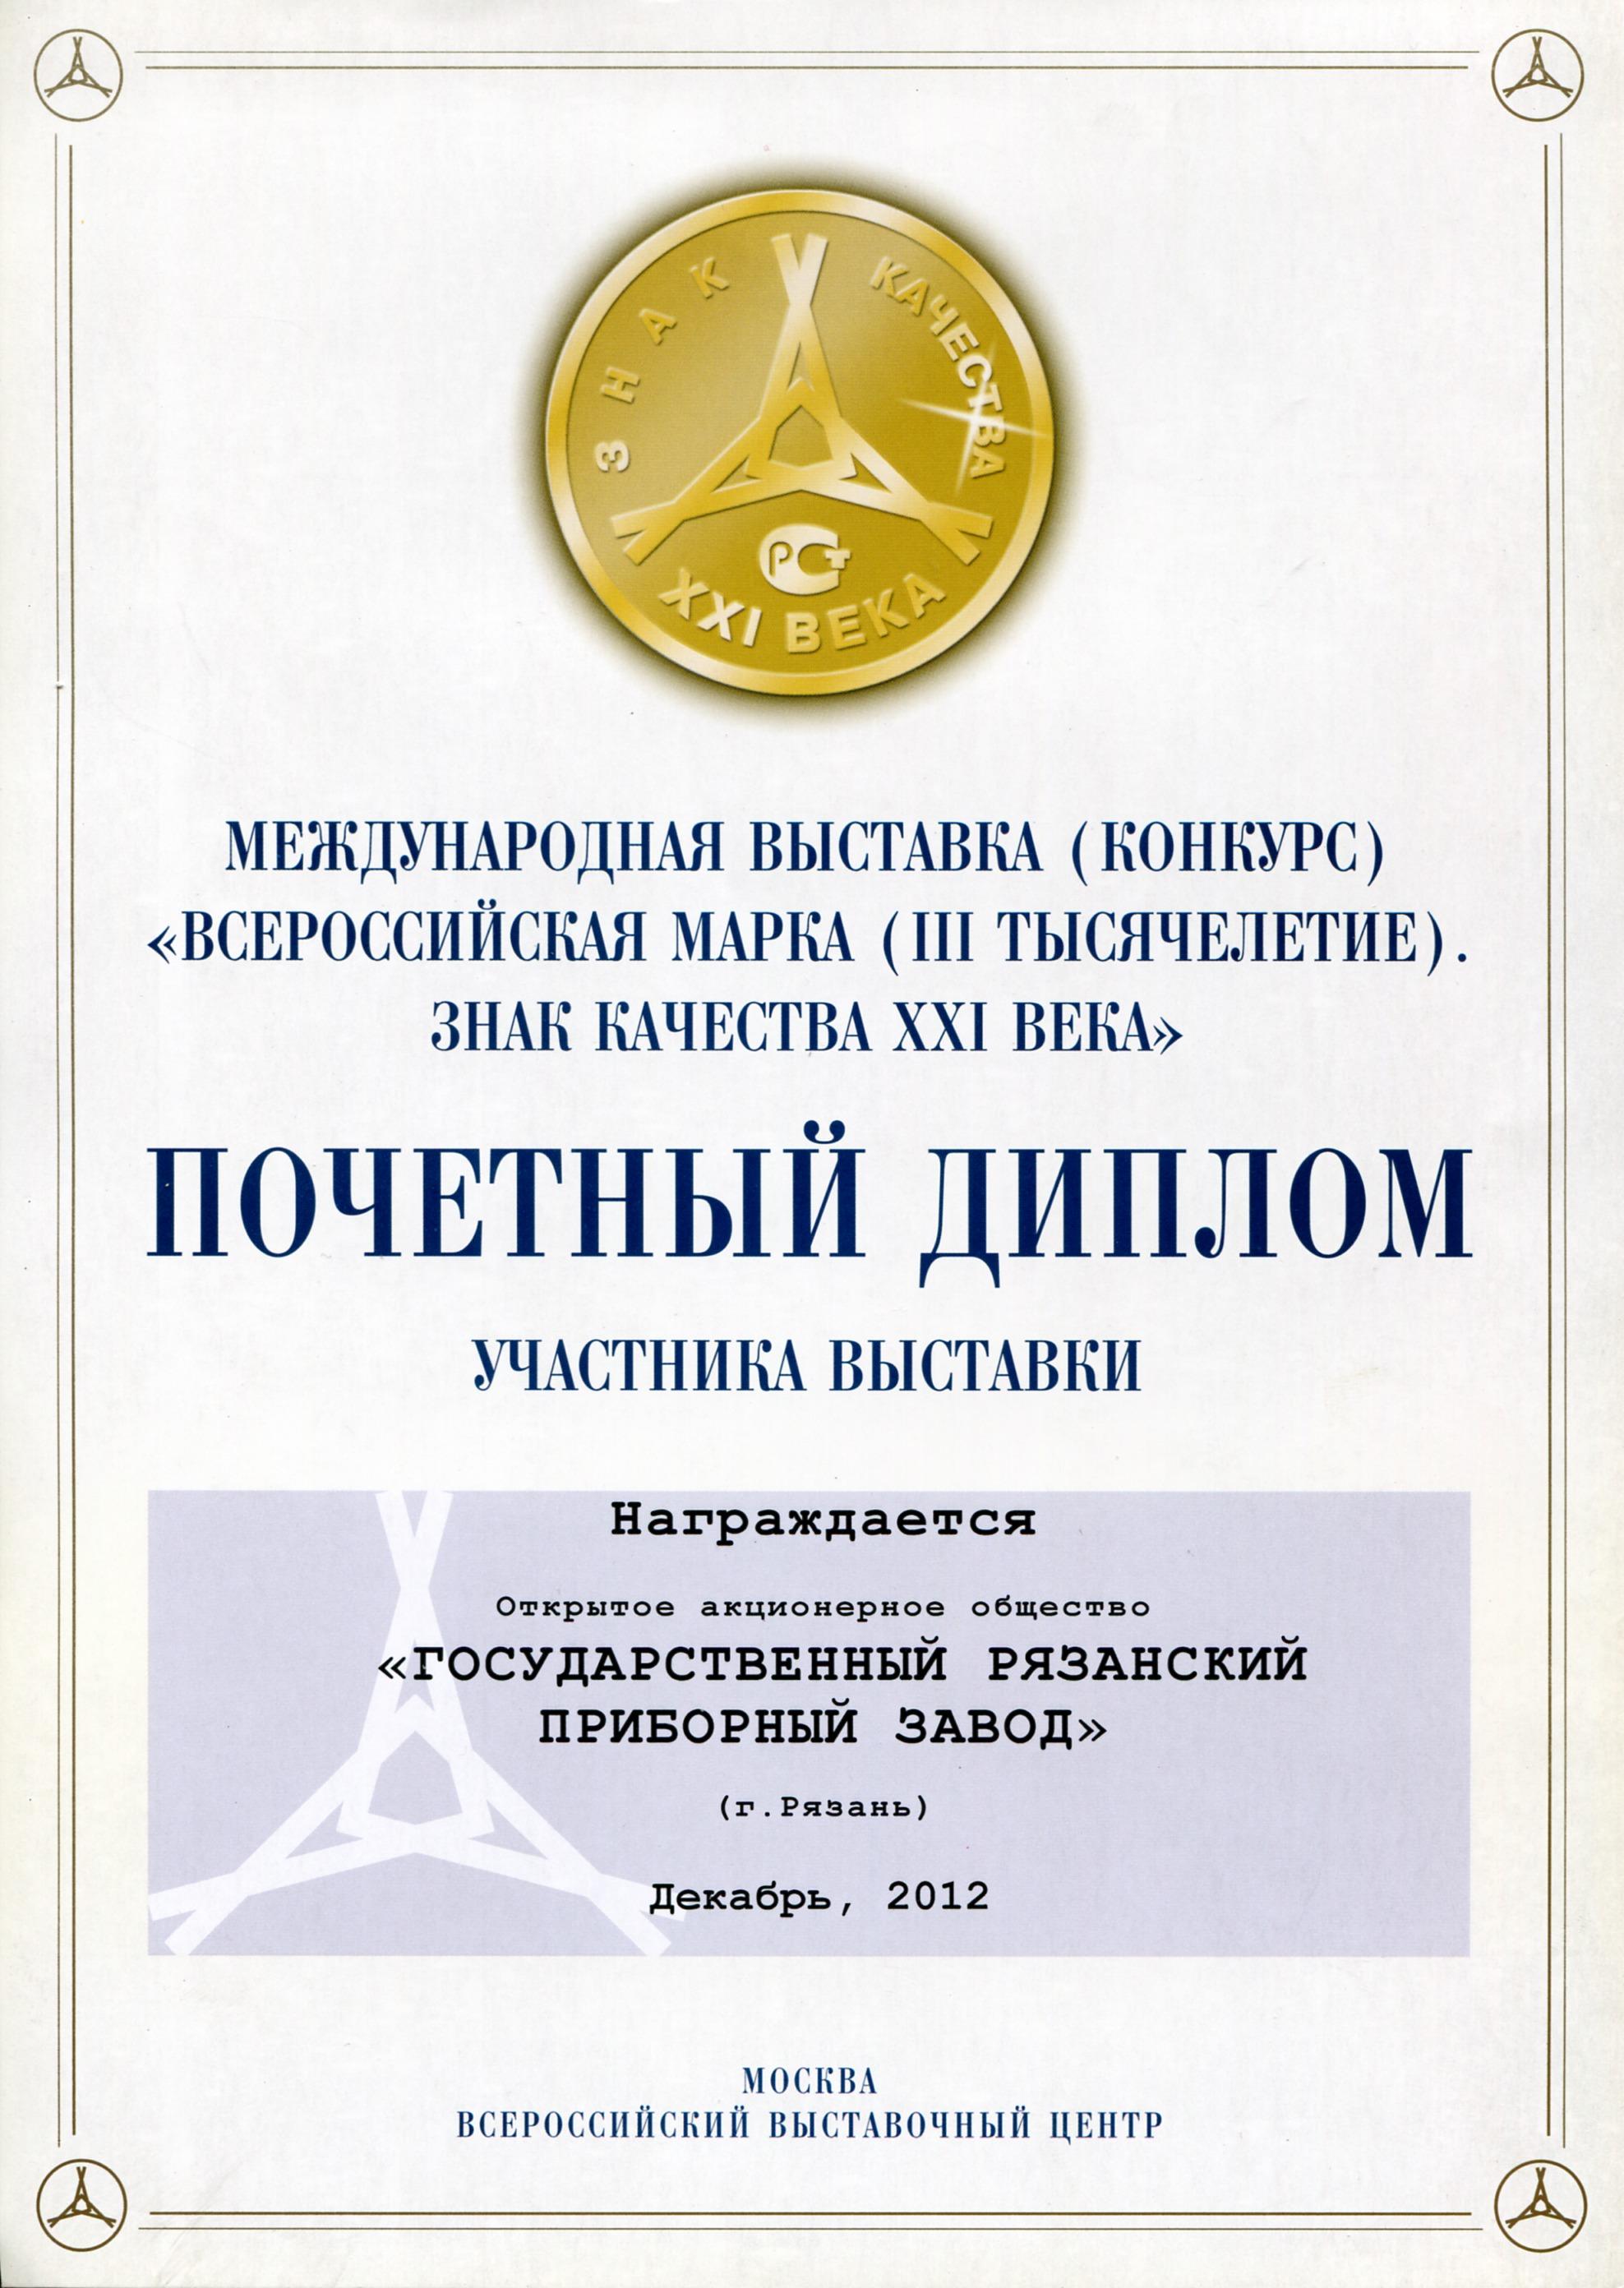 Награды и дипломы ГРПЗ О компании Почетный диплом